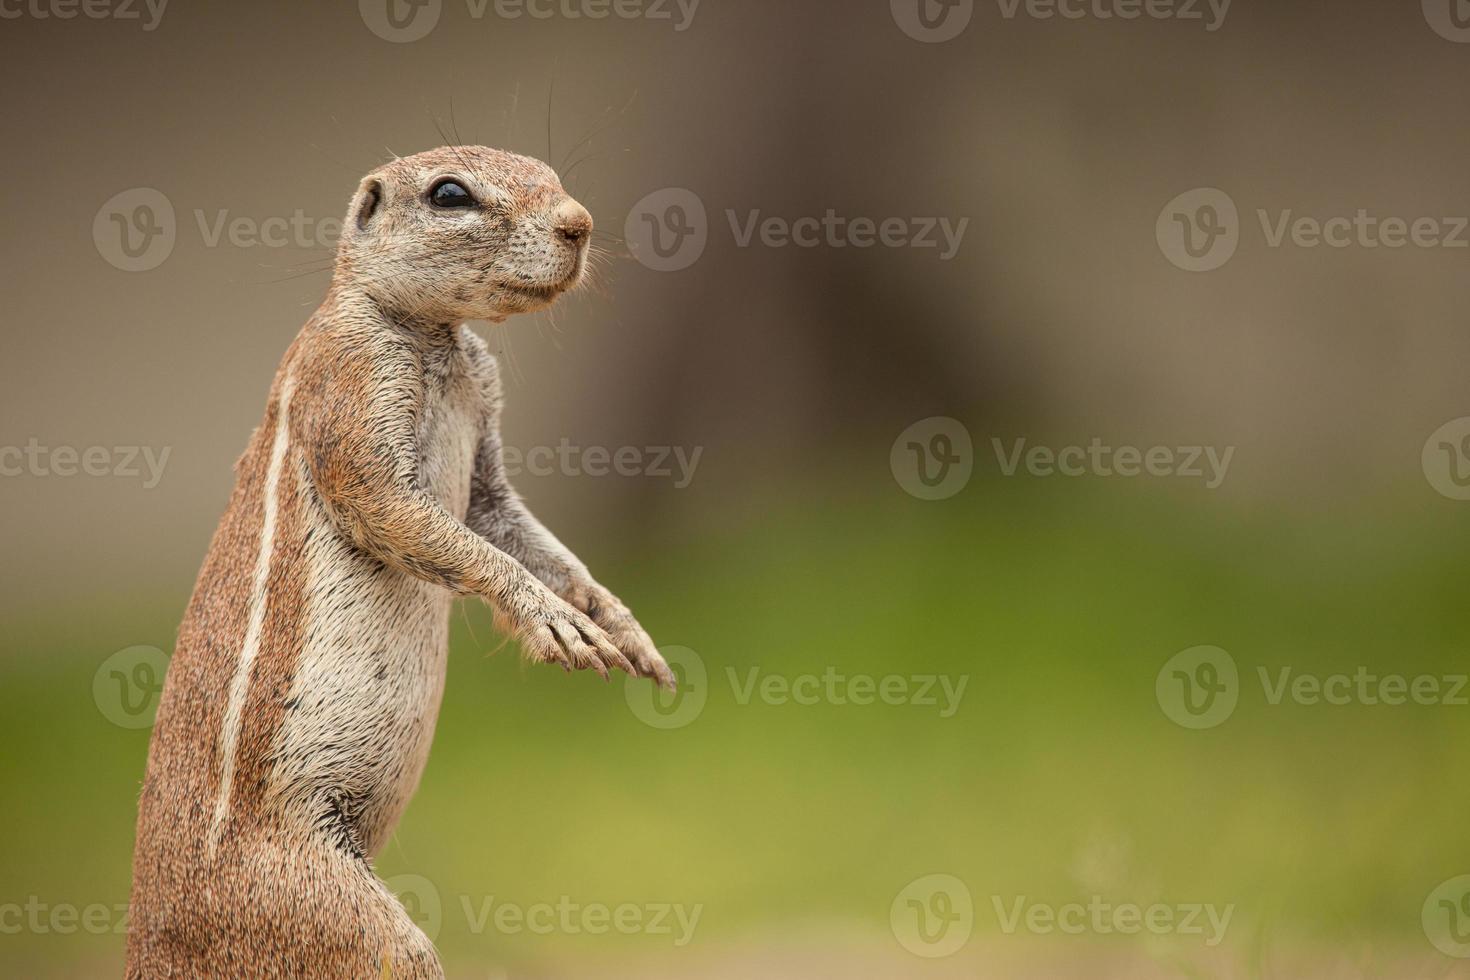 Retrato de una ardilla de tierra africana foto